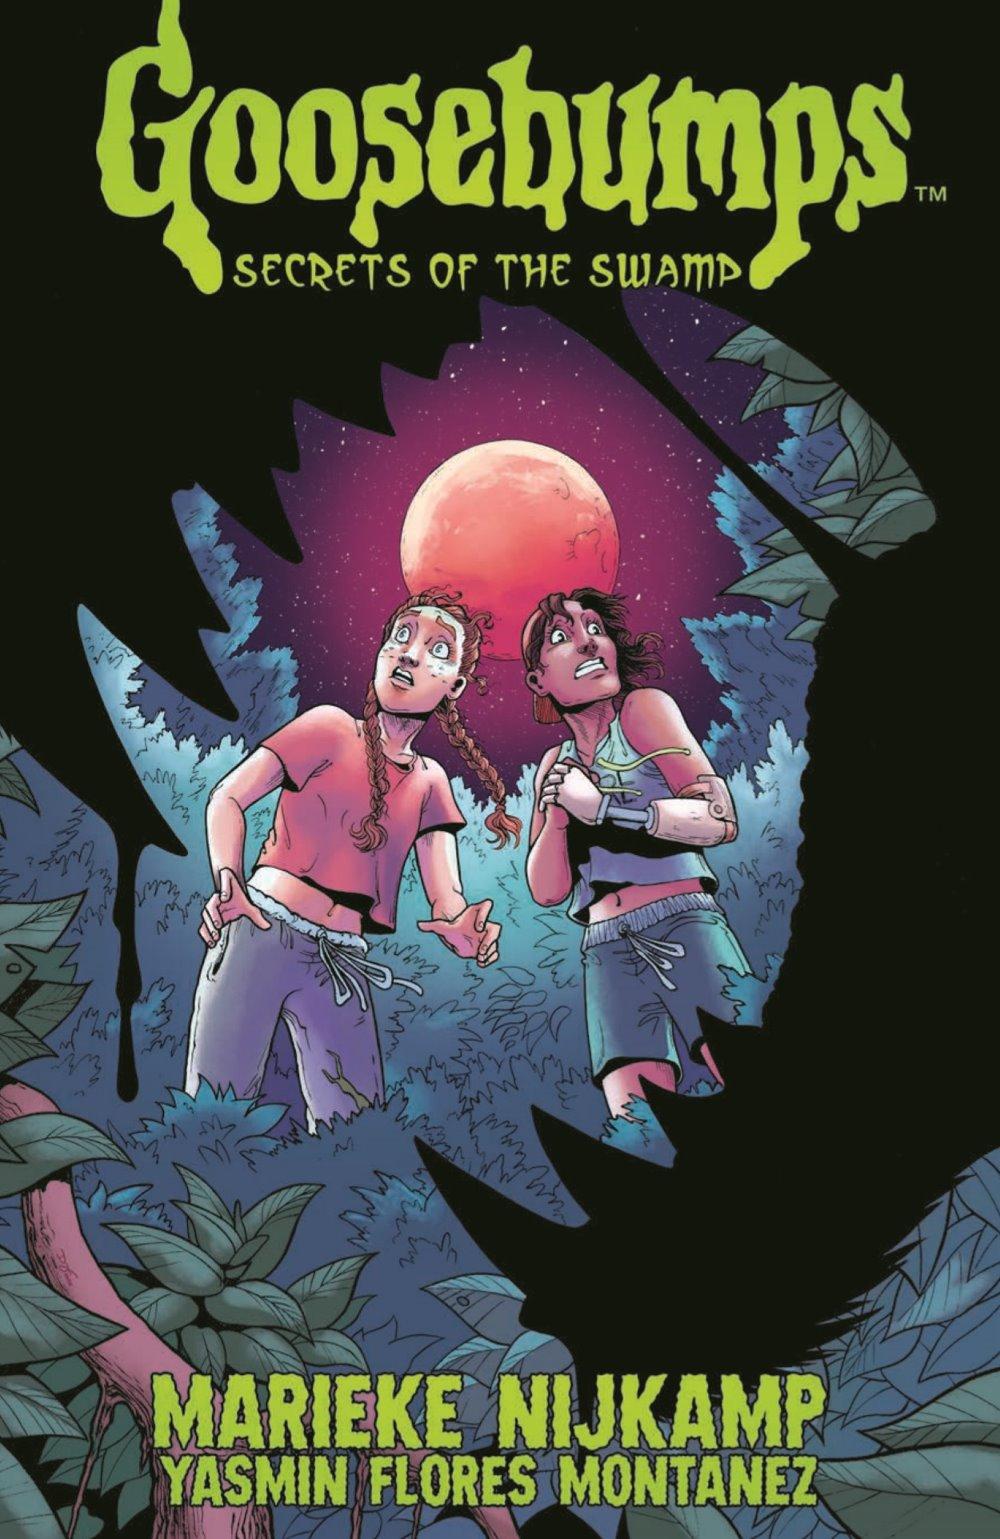 GB_SotS_VOL1_pr-1 ComicList Previews: GOOSEBUMPS SECRET OF THE SWAMP TP